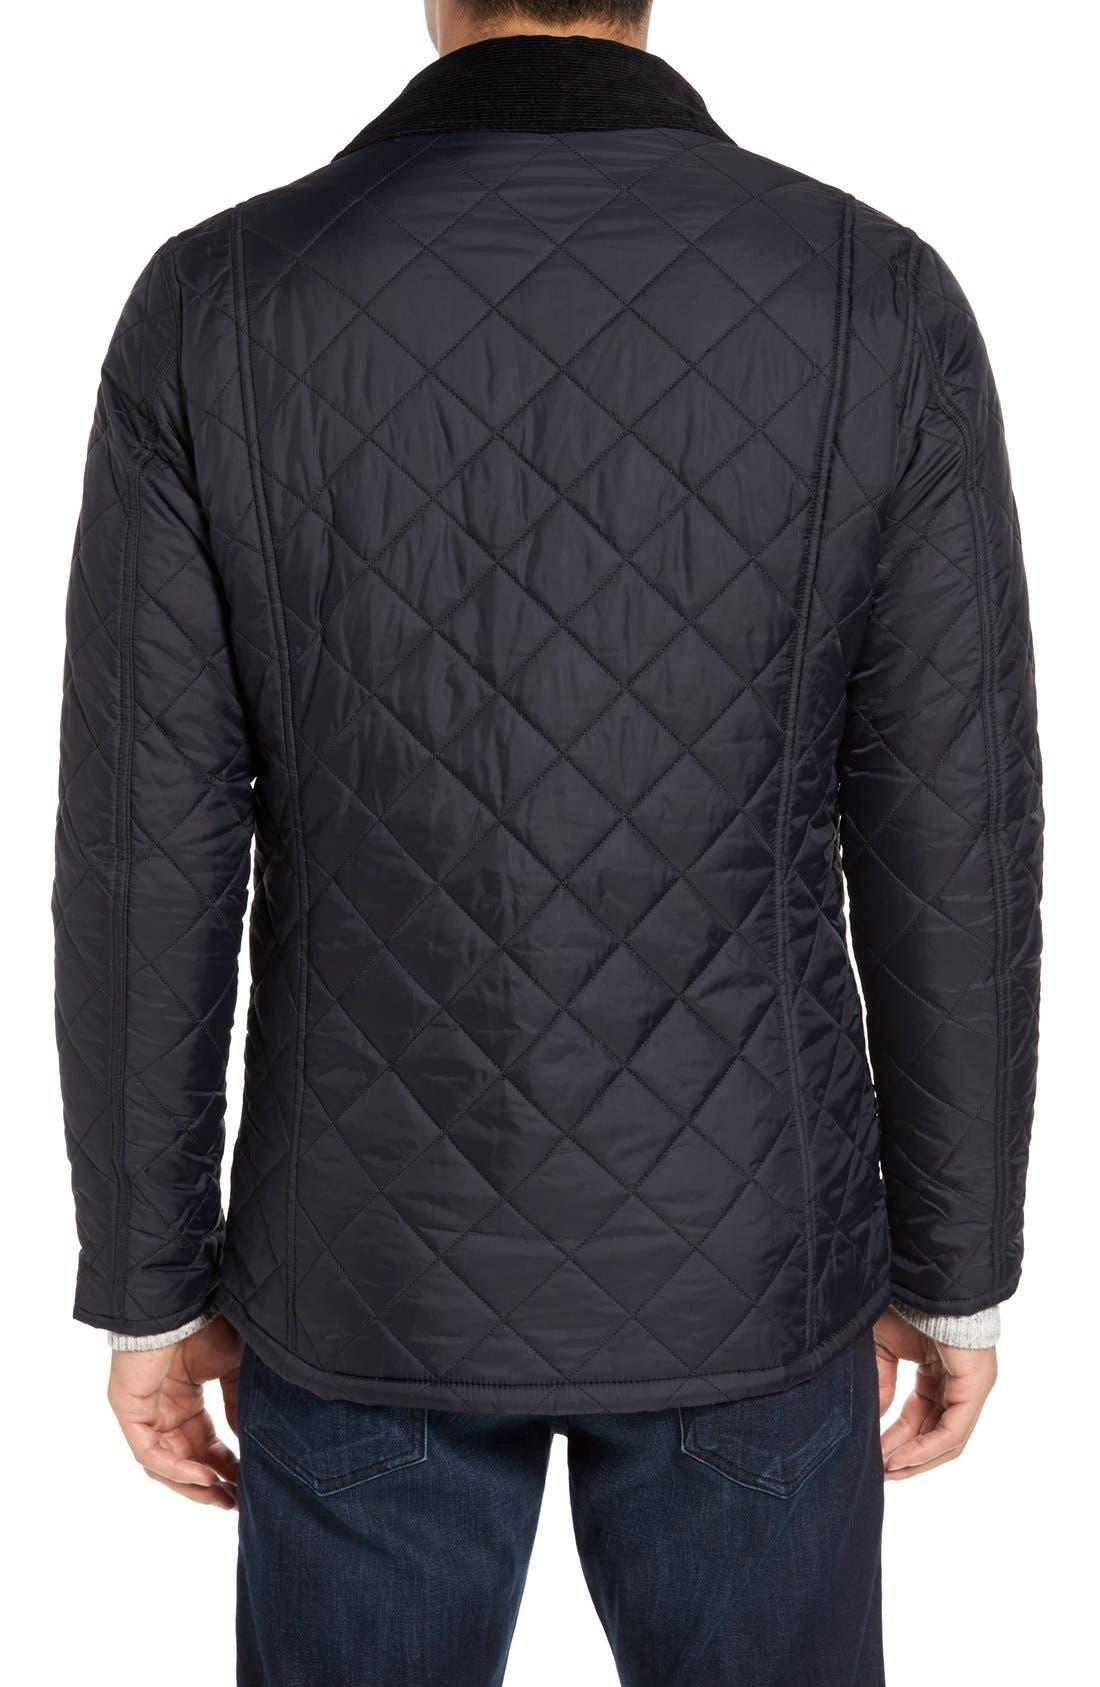 'Akenside' Regular Fit Quilted Jacket,                             Alternate thumbnail 2, color,                             Black